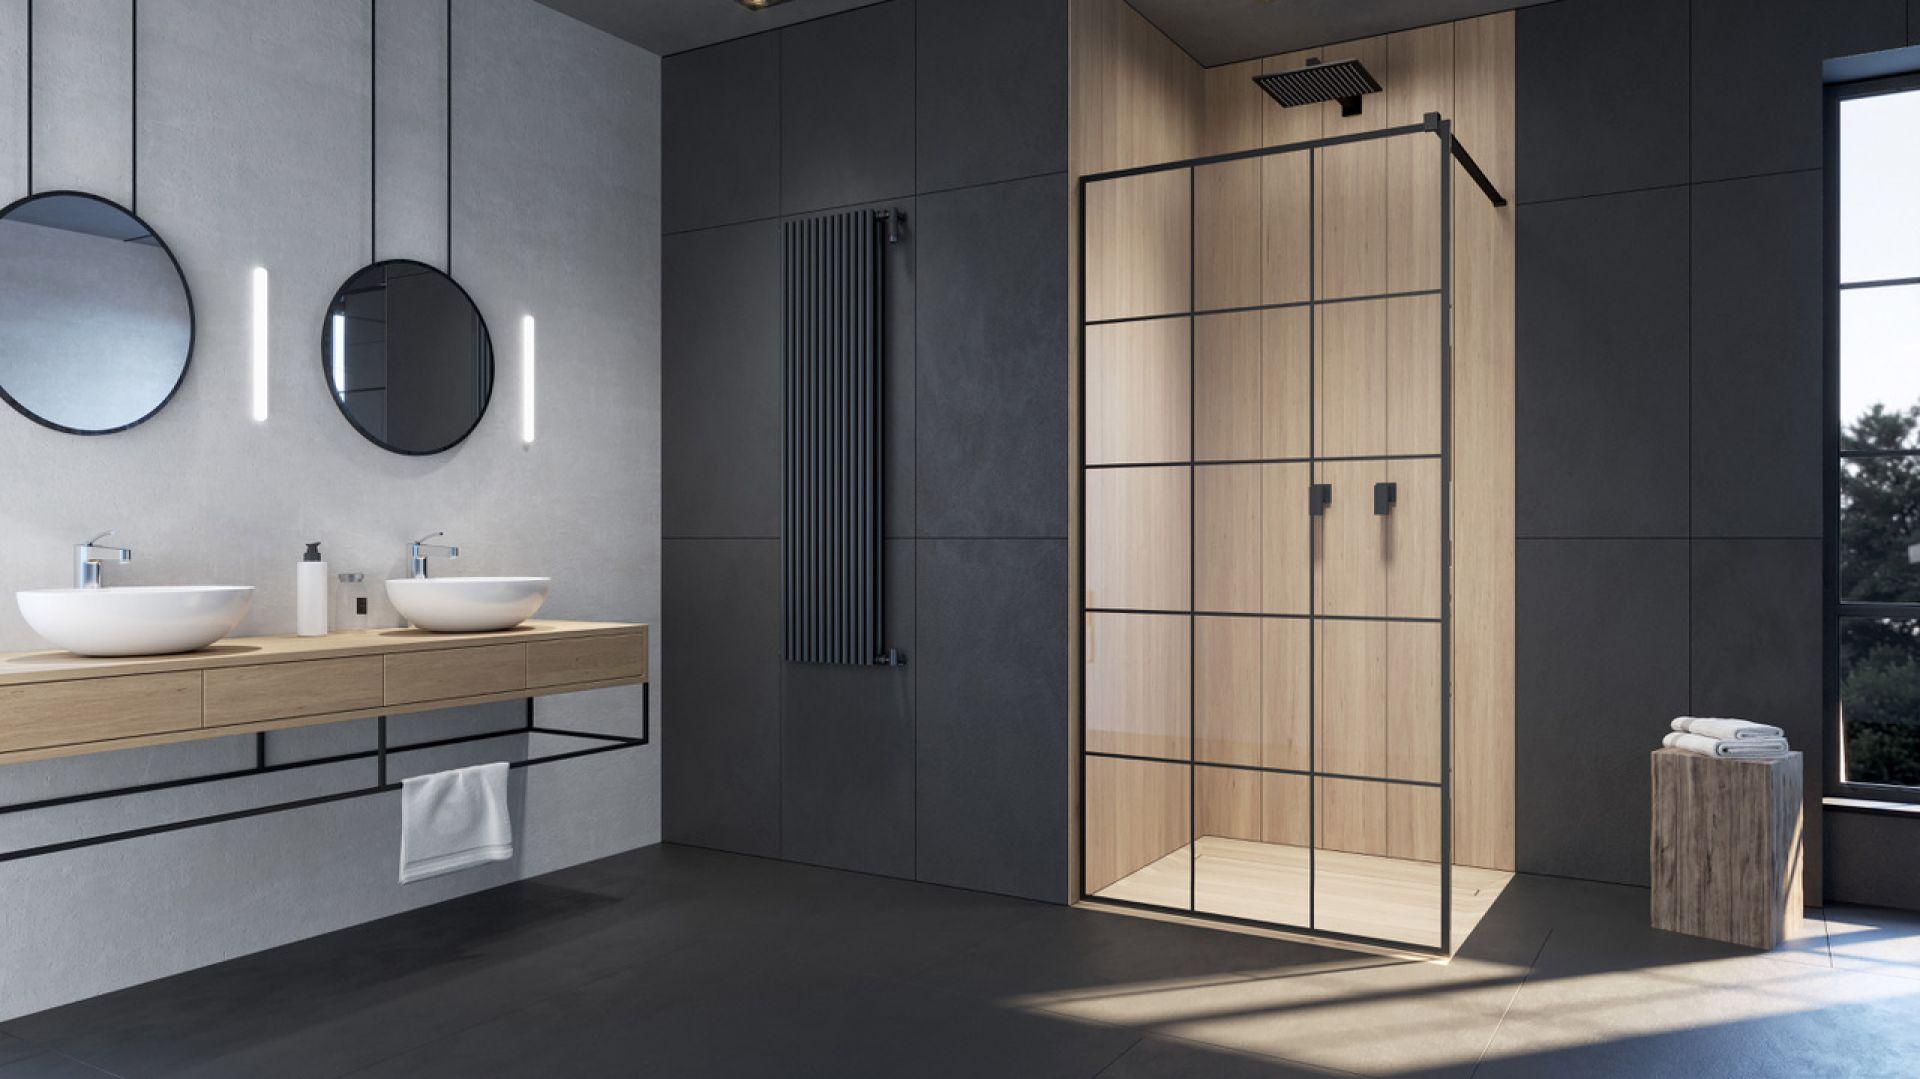 Kabina prysznicowa z czarnymi profilami i szprosami na szkle Modo New II Black Factory marki Radaway. Fot. Radaway